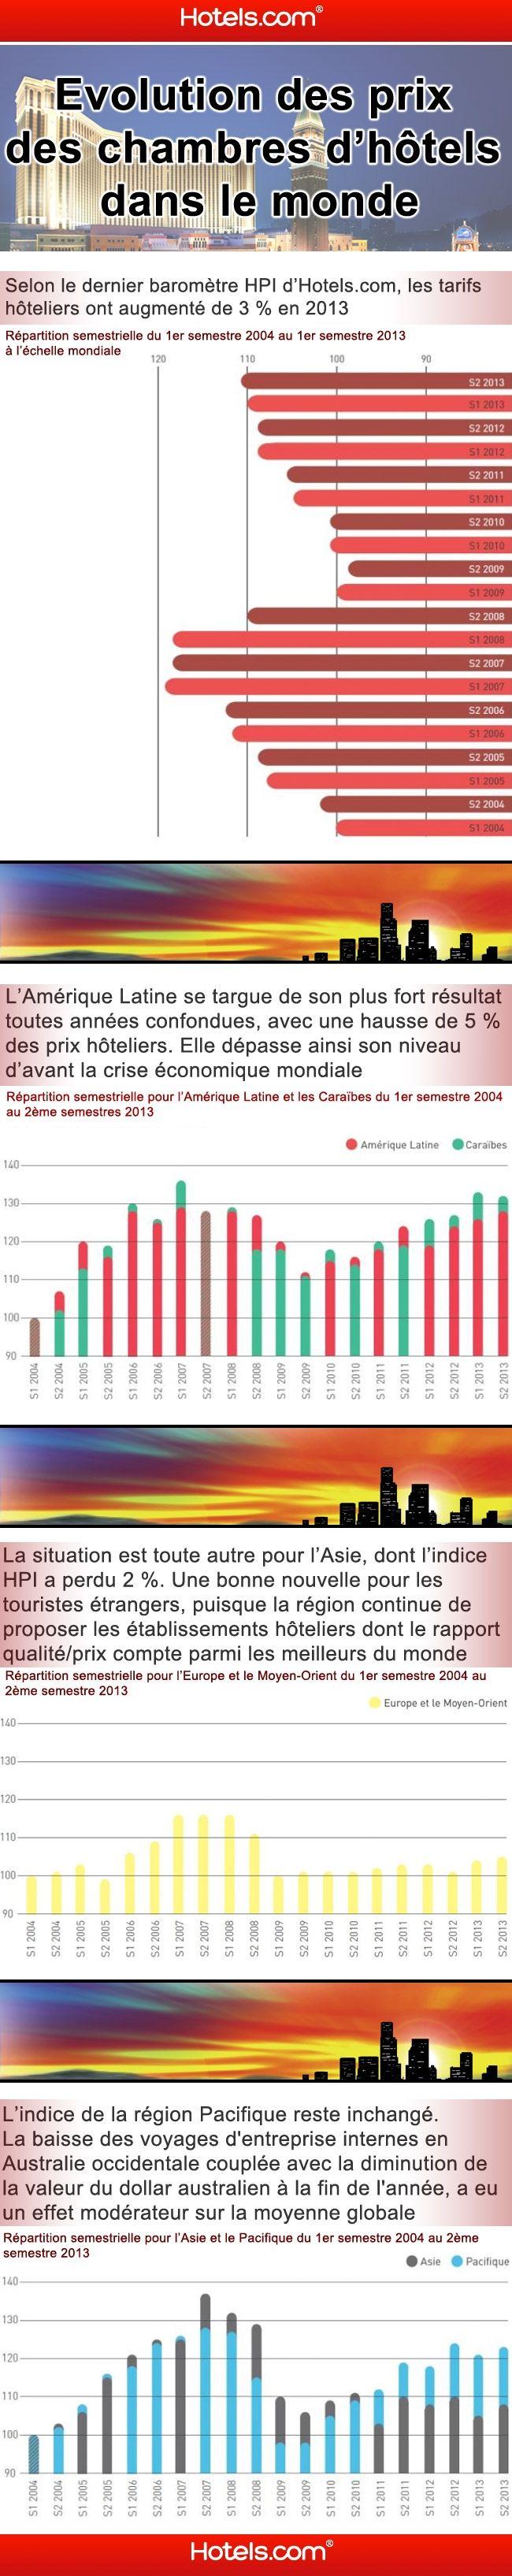 Le prix des chambres d 39 h tel la hausse pour la 4e ann e for Les prix des hotel